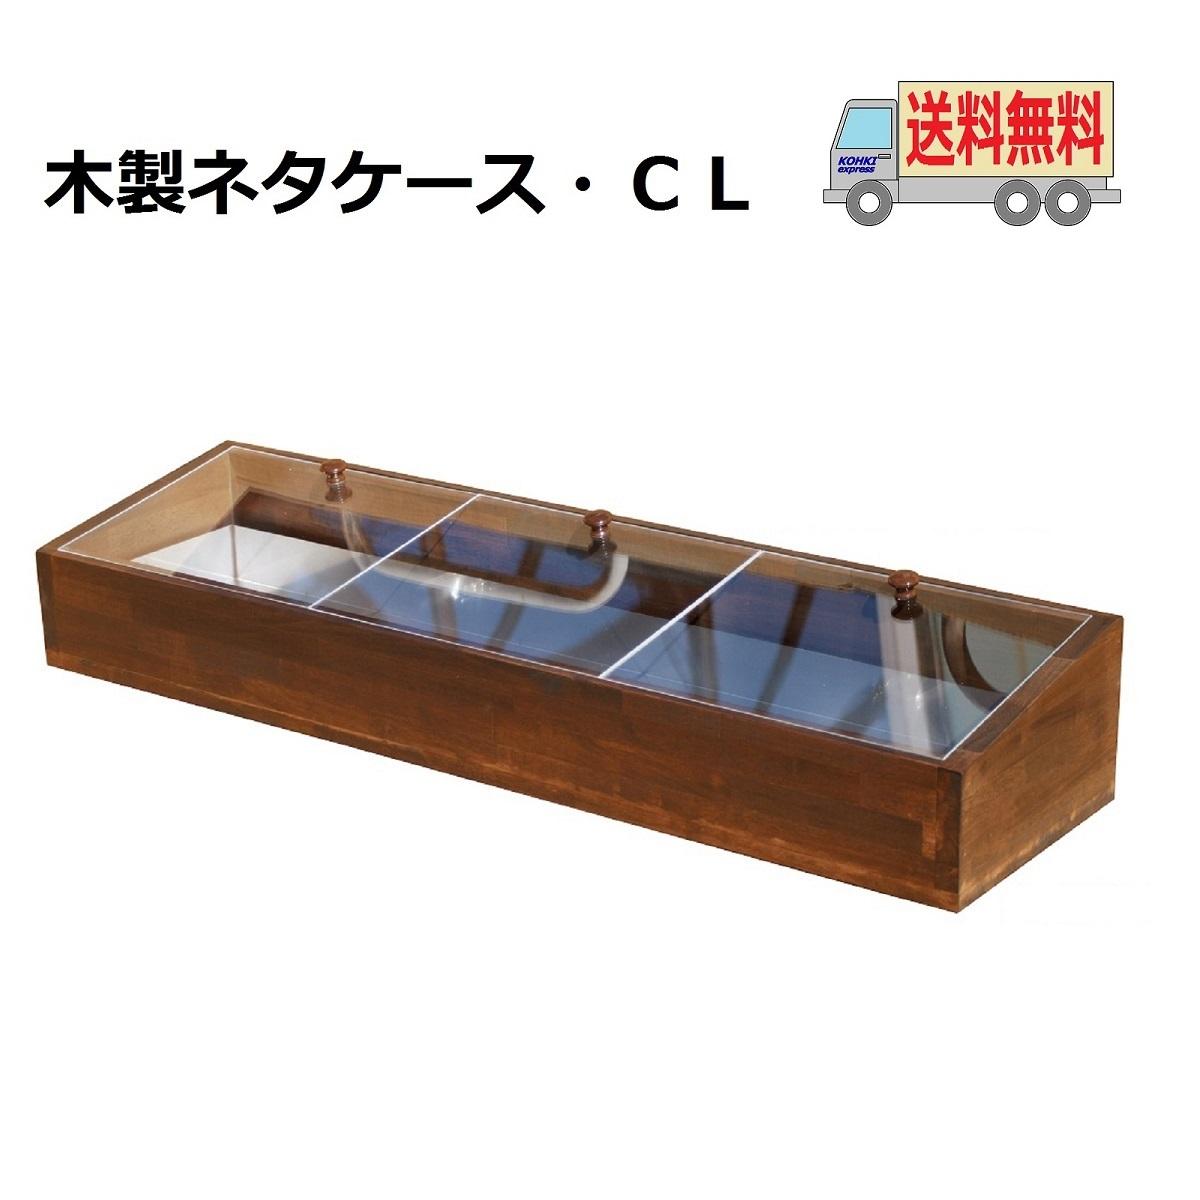 送料無料 木製ネタケース・CL 1200mm ダークブラウン 氷で保冷 木製 日本製 店舗用